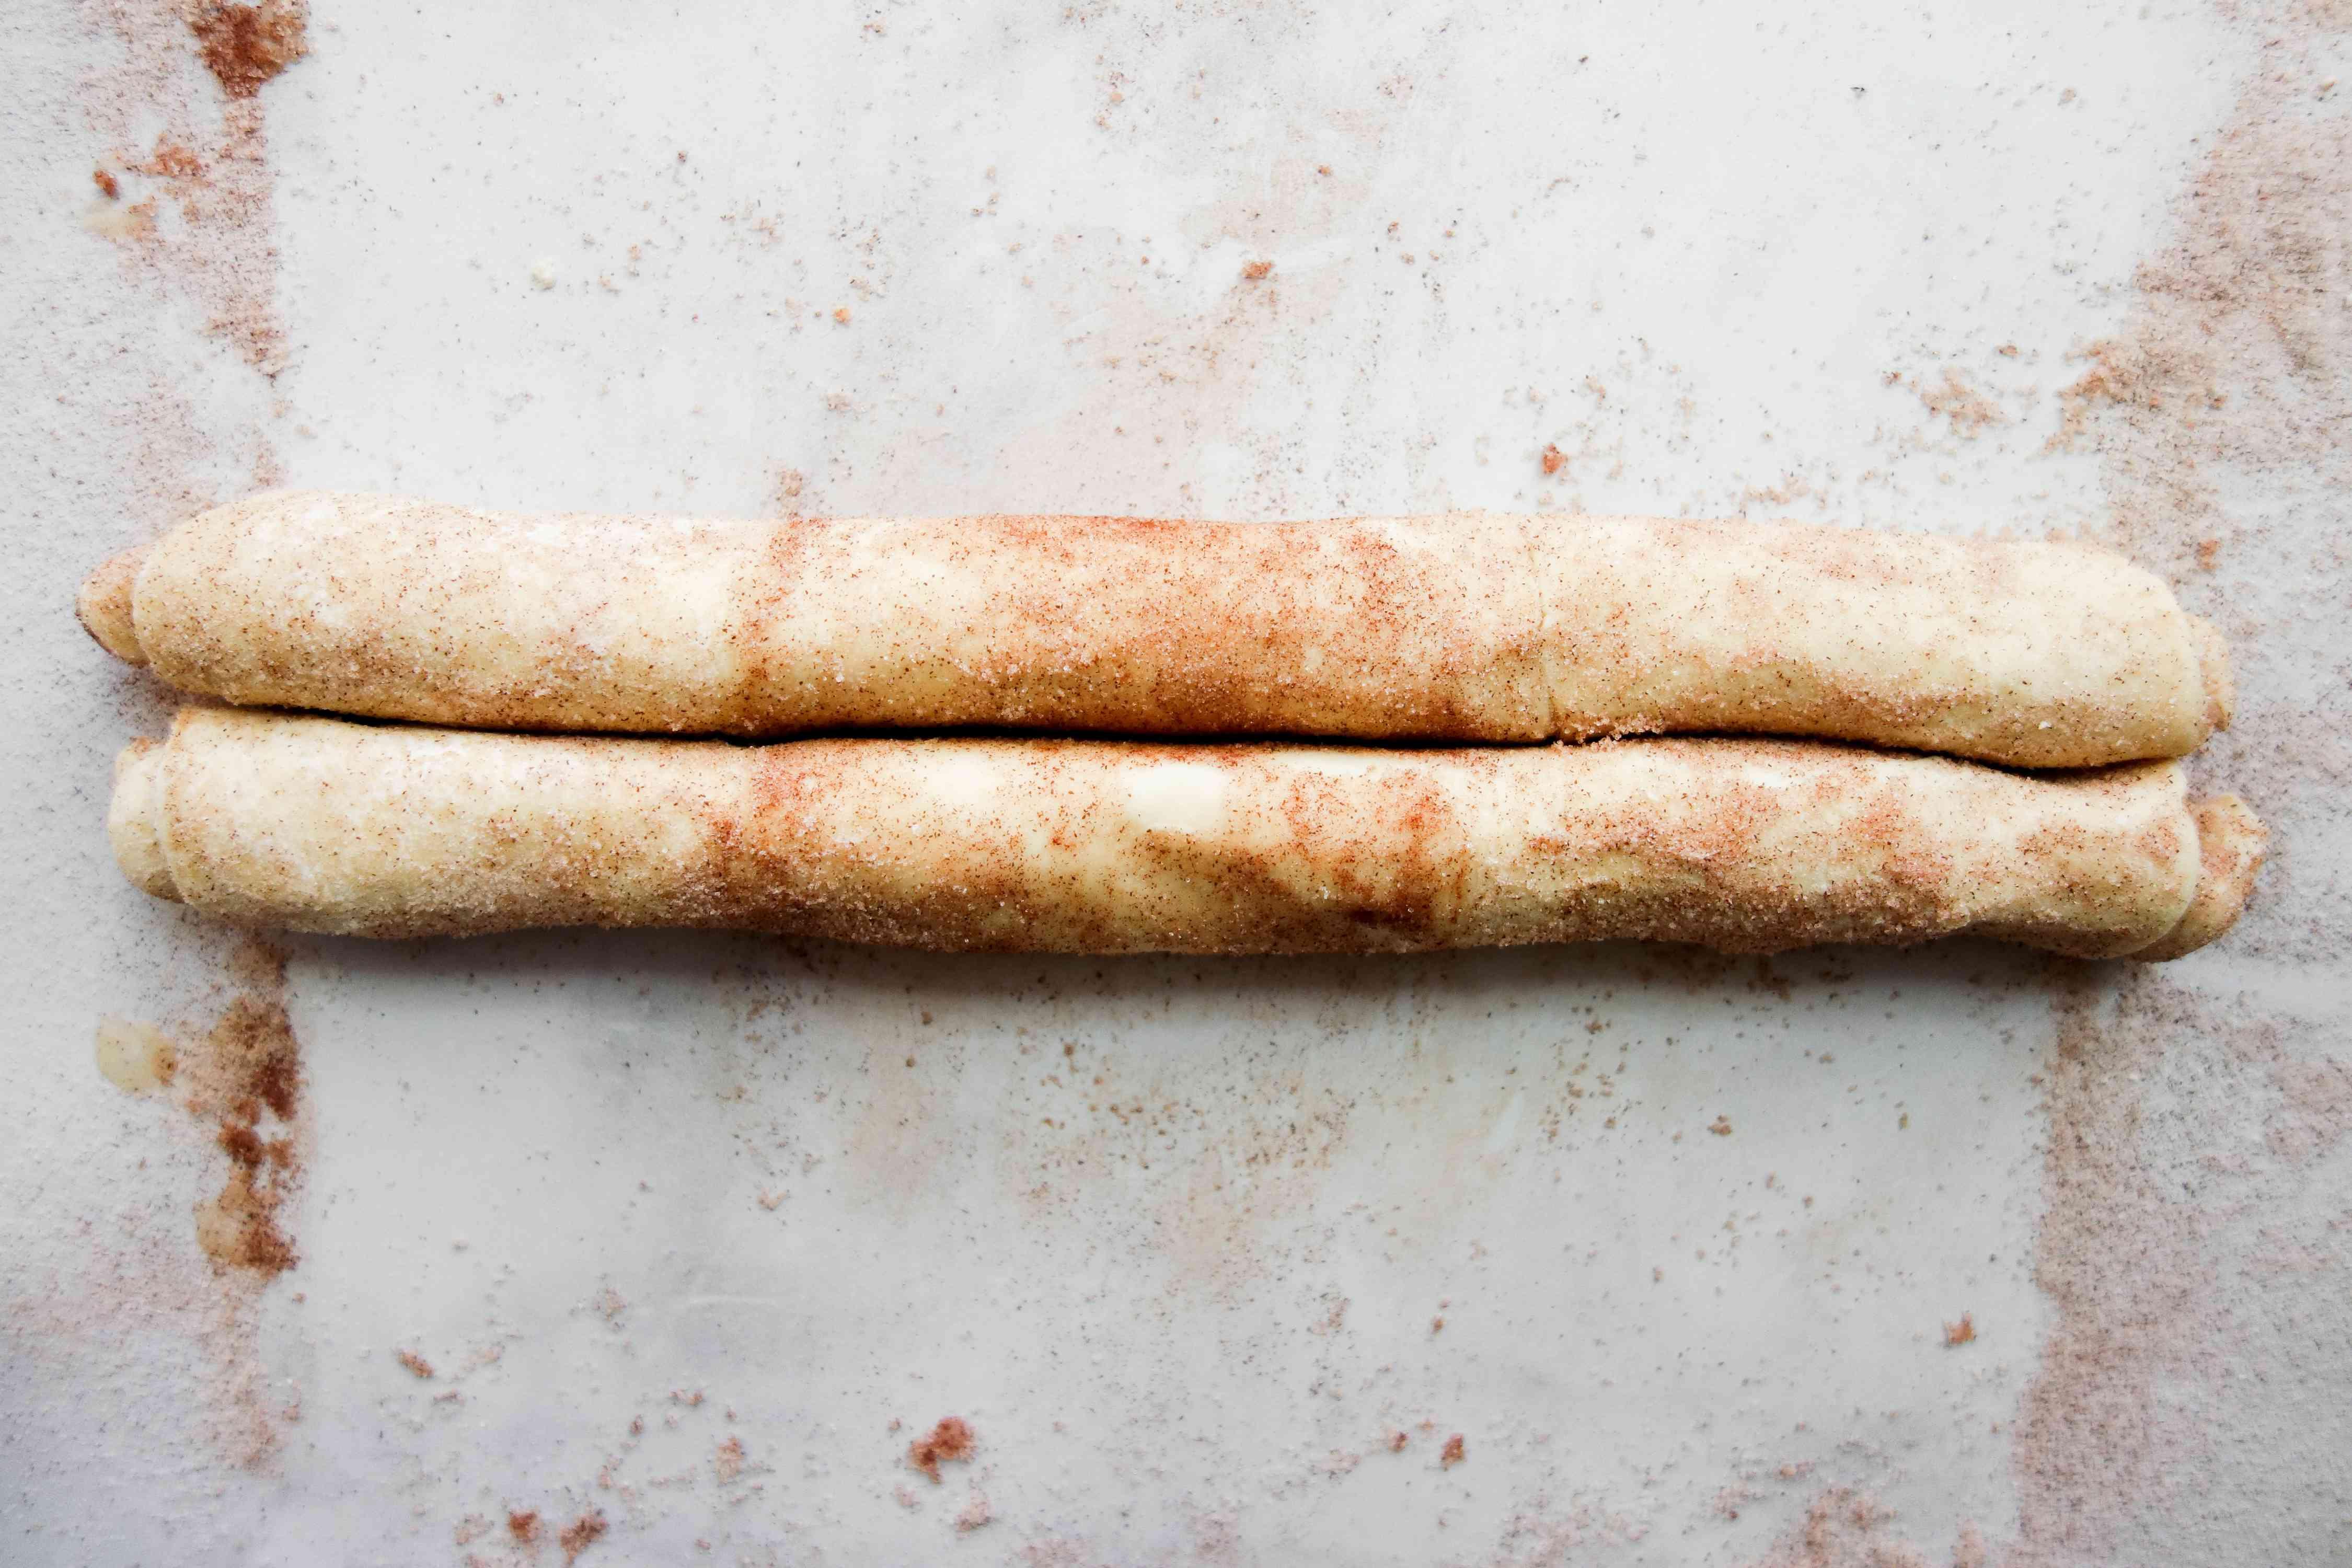 cinnamon rolls on the table